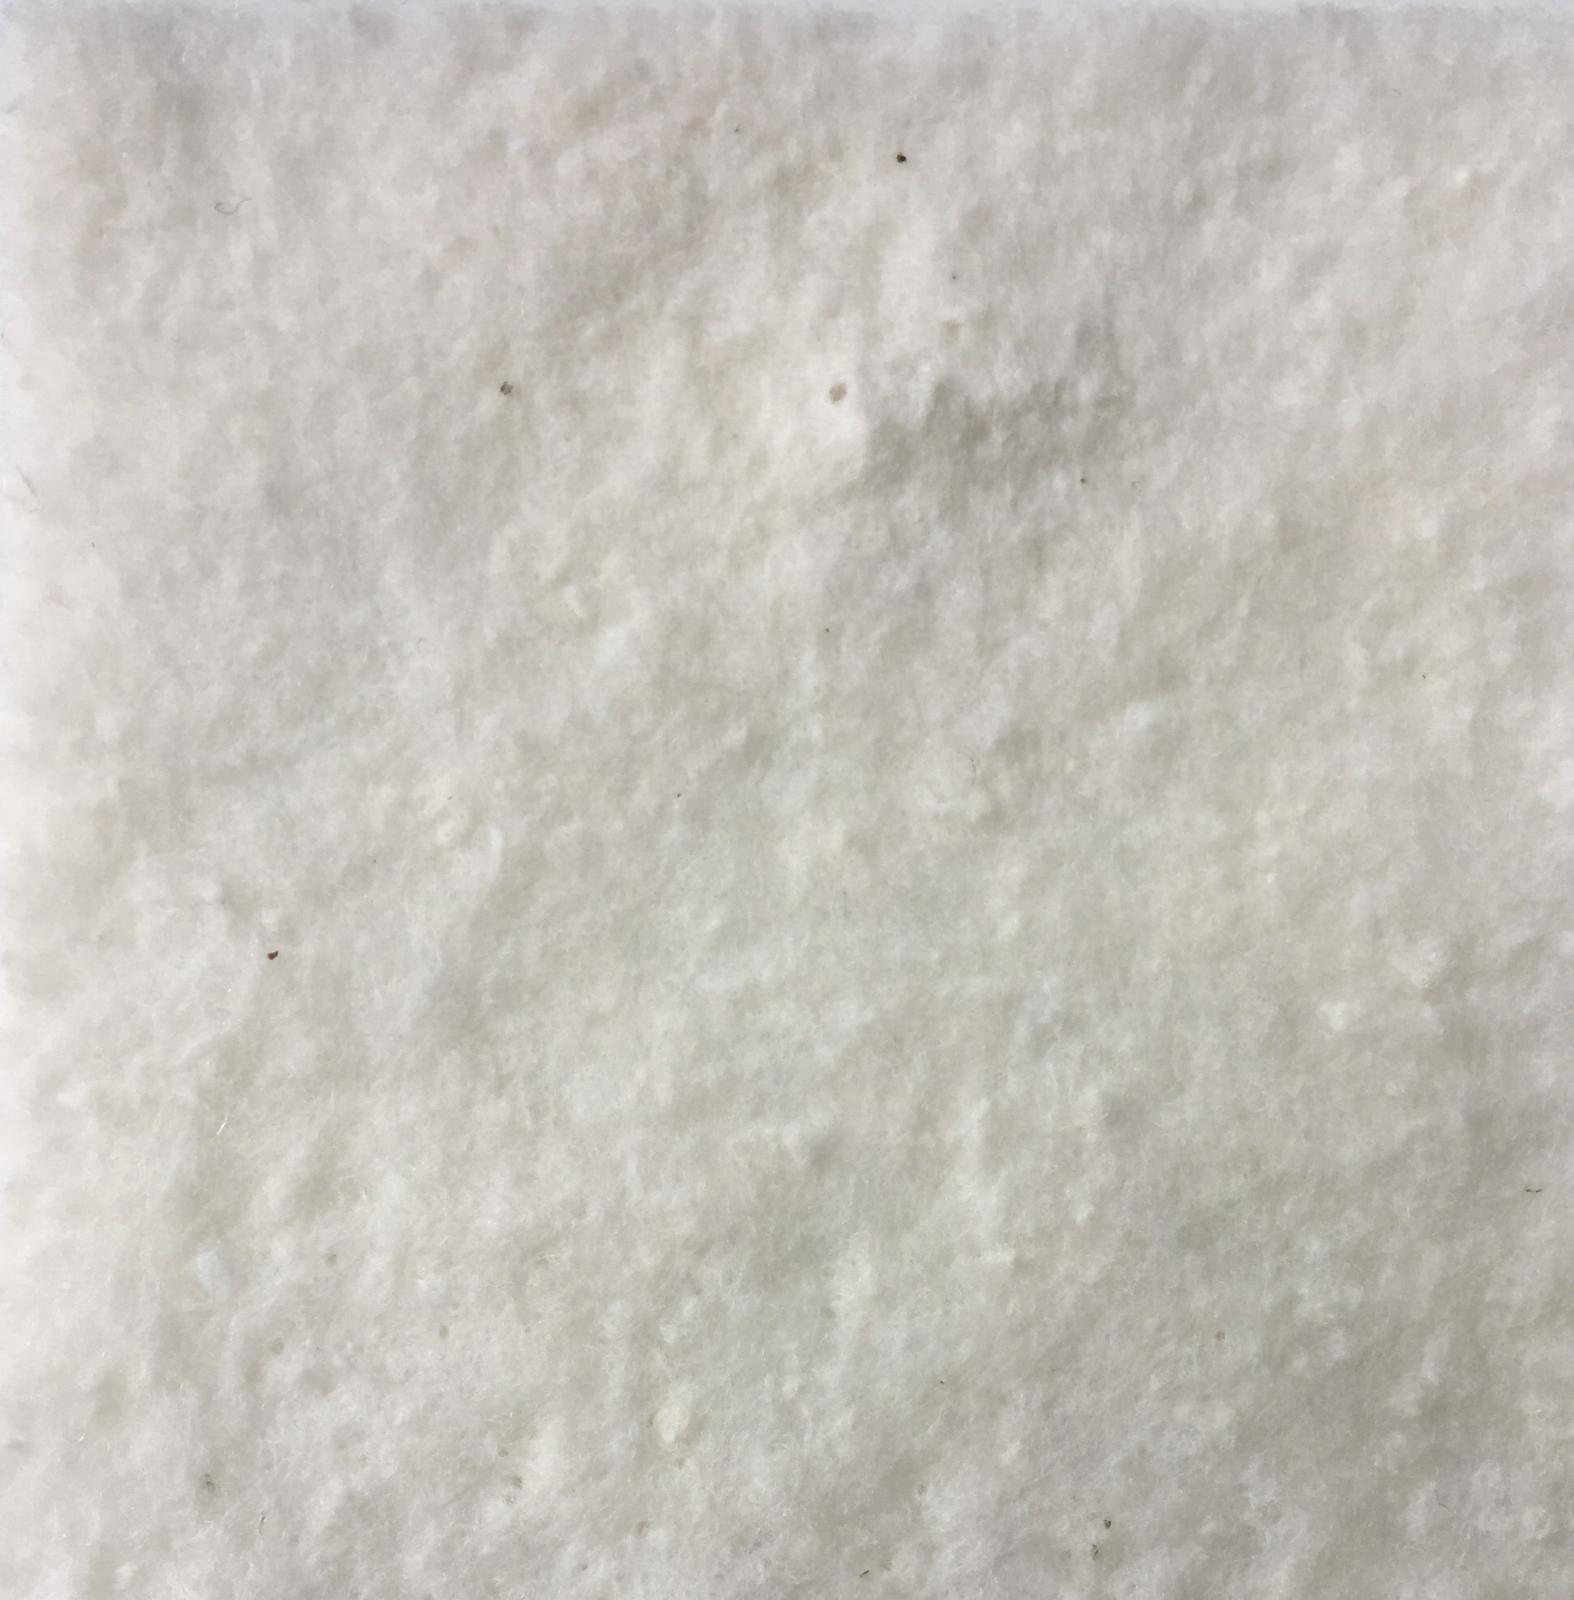 Hobbs 80/20 Cotton Blend - 96 x 30yds